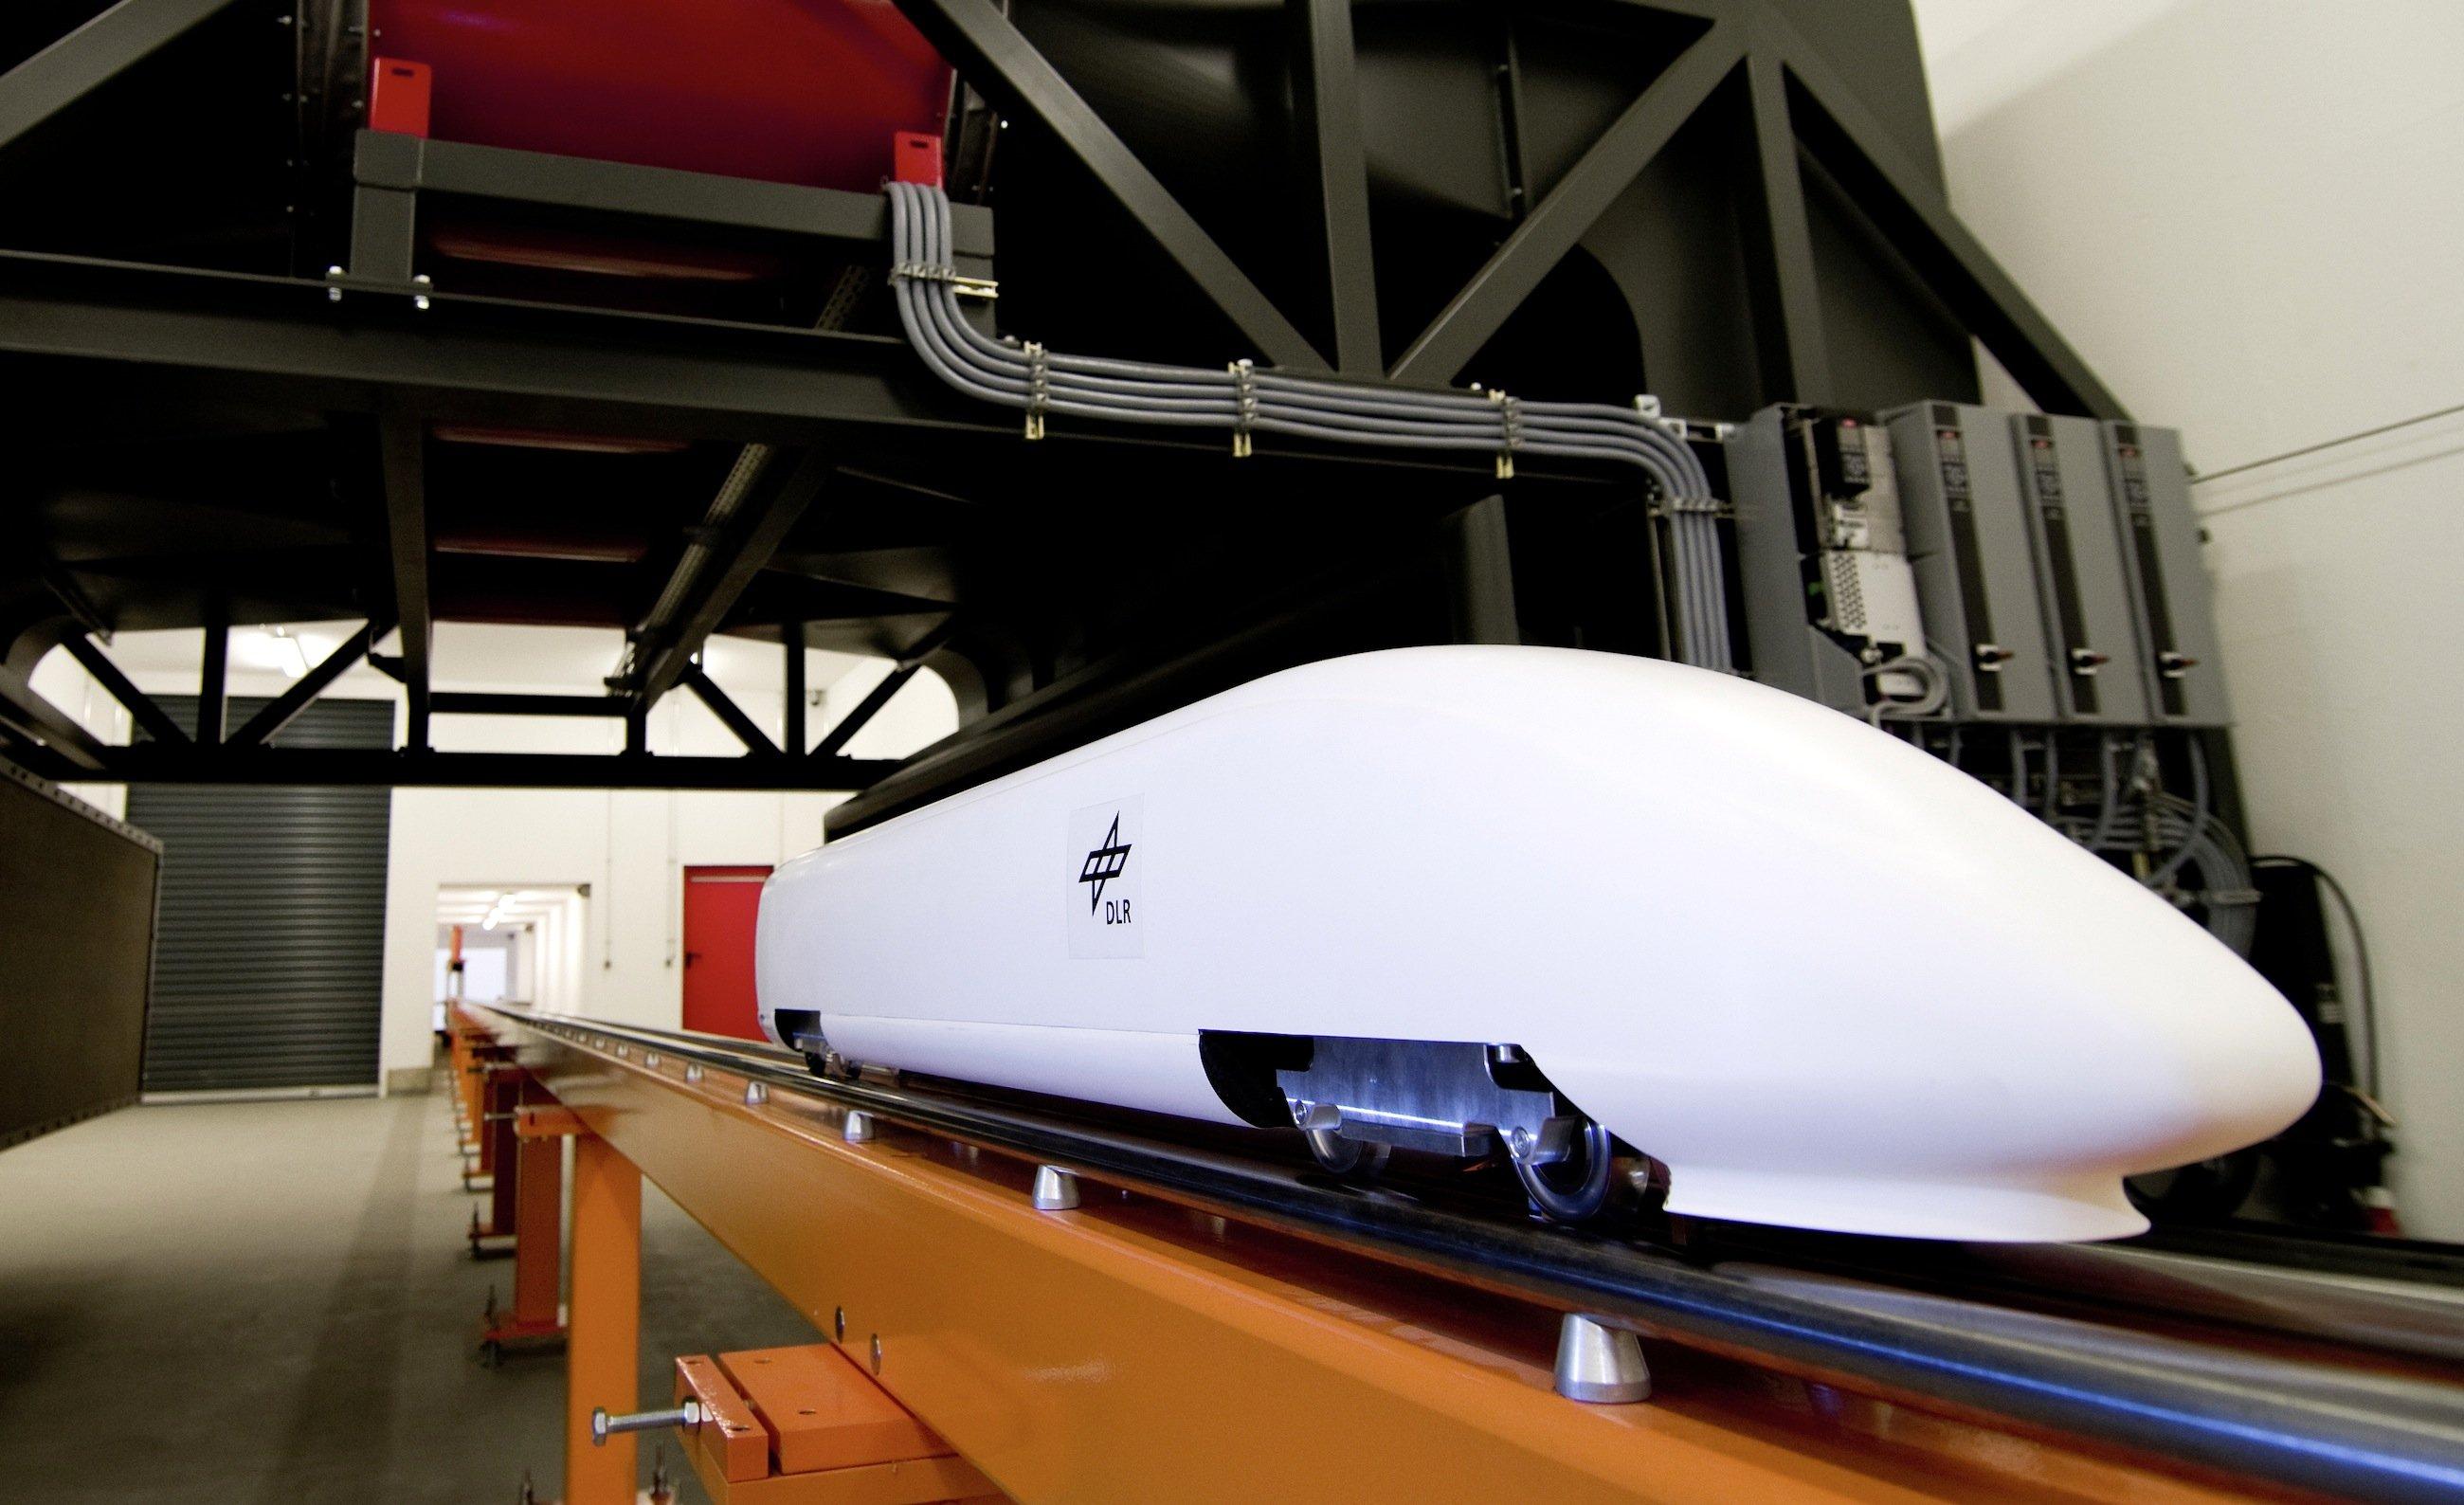 In der neuen Tunnelsimulationsanlage im Deutschen Zentrum für Luft- und Raumfahrt in Göttingen wird das Fahrverhalten von Hochgeschwindigkeitszügen unter bislang unerreichten realistischen Bedingungen getestet.